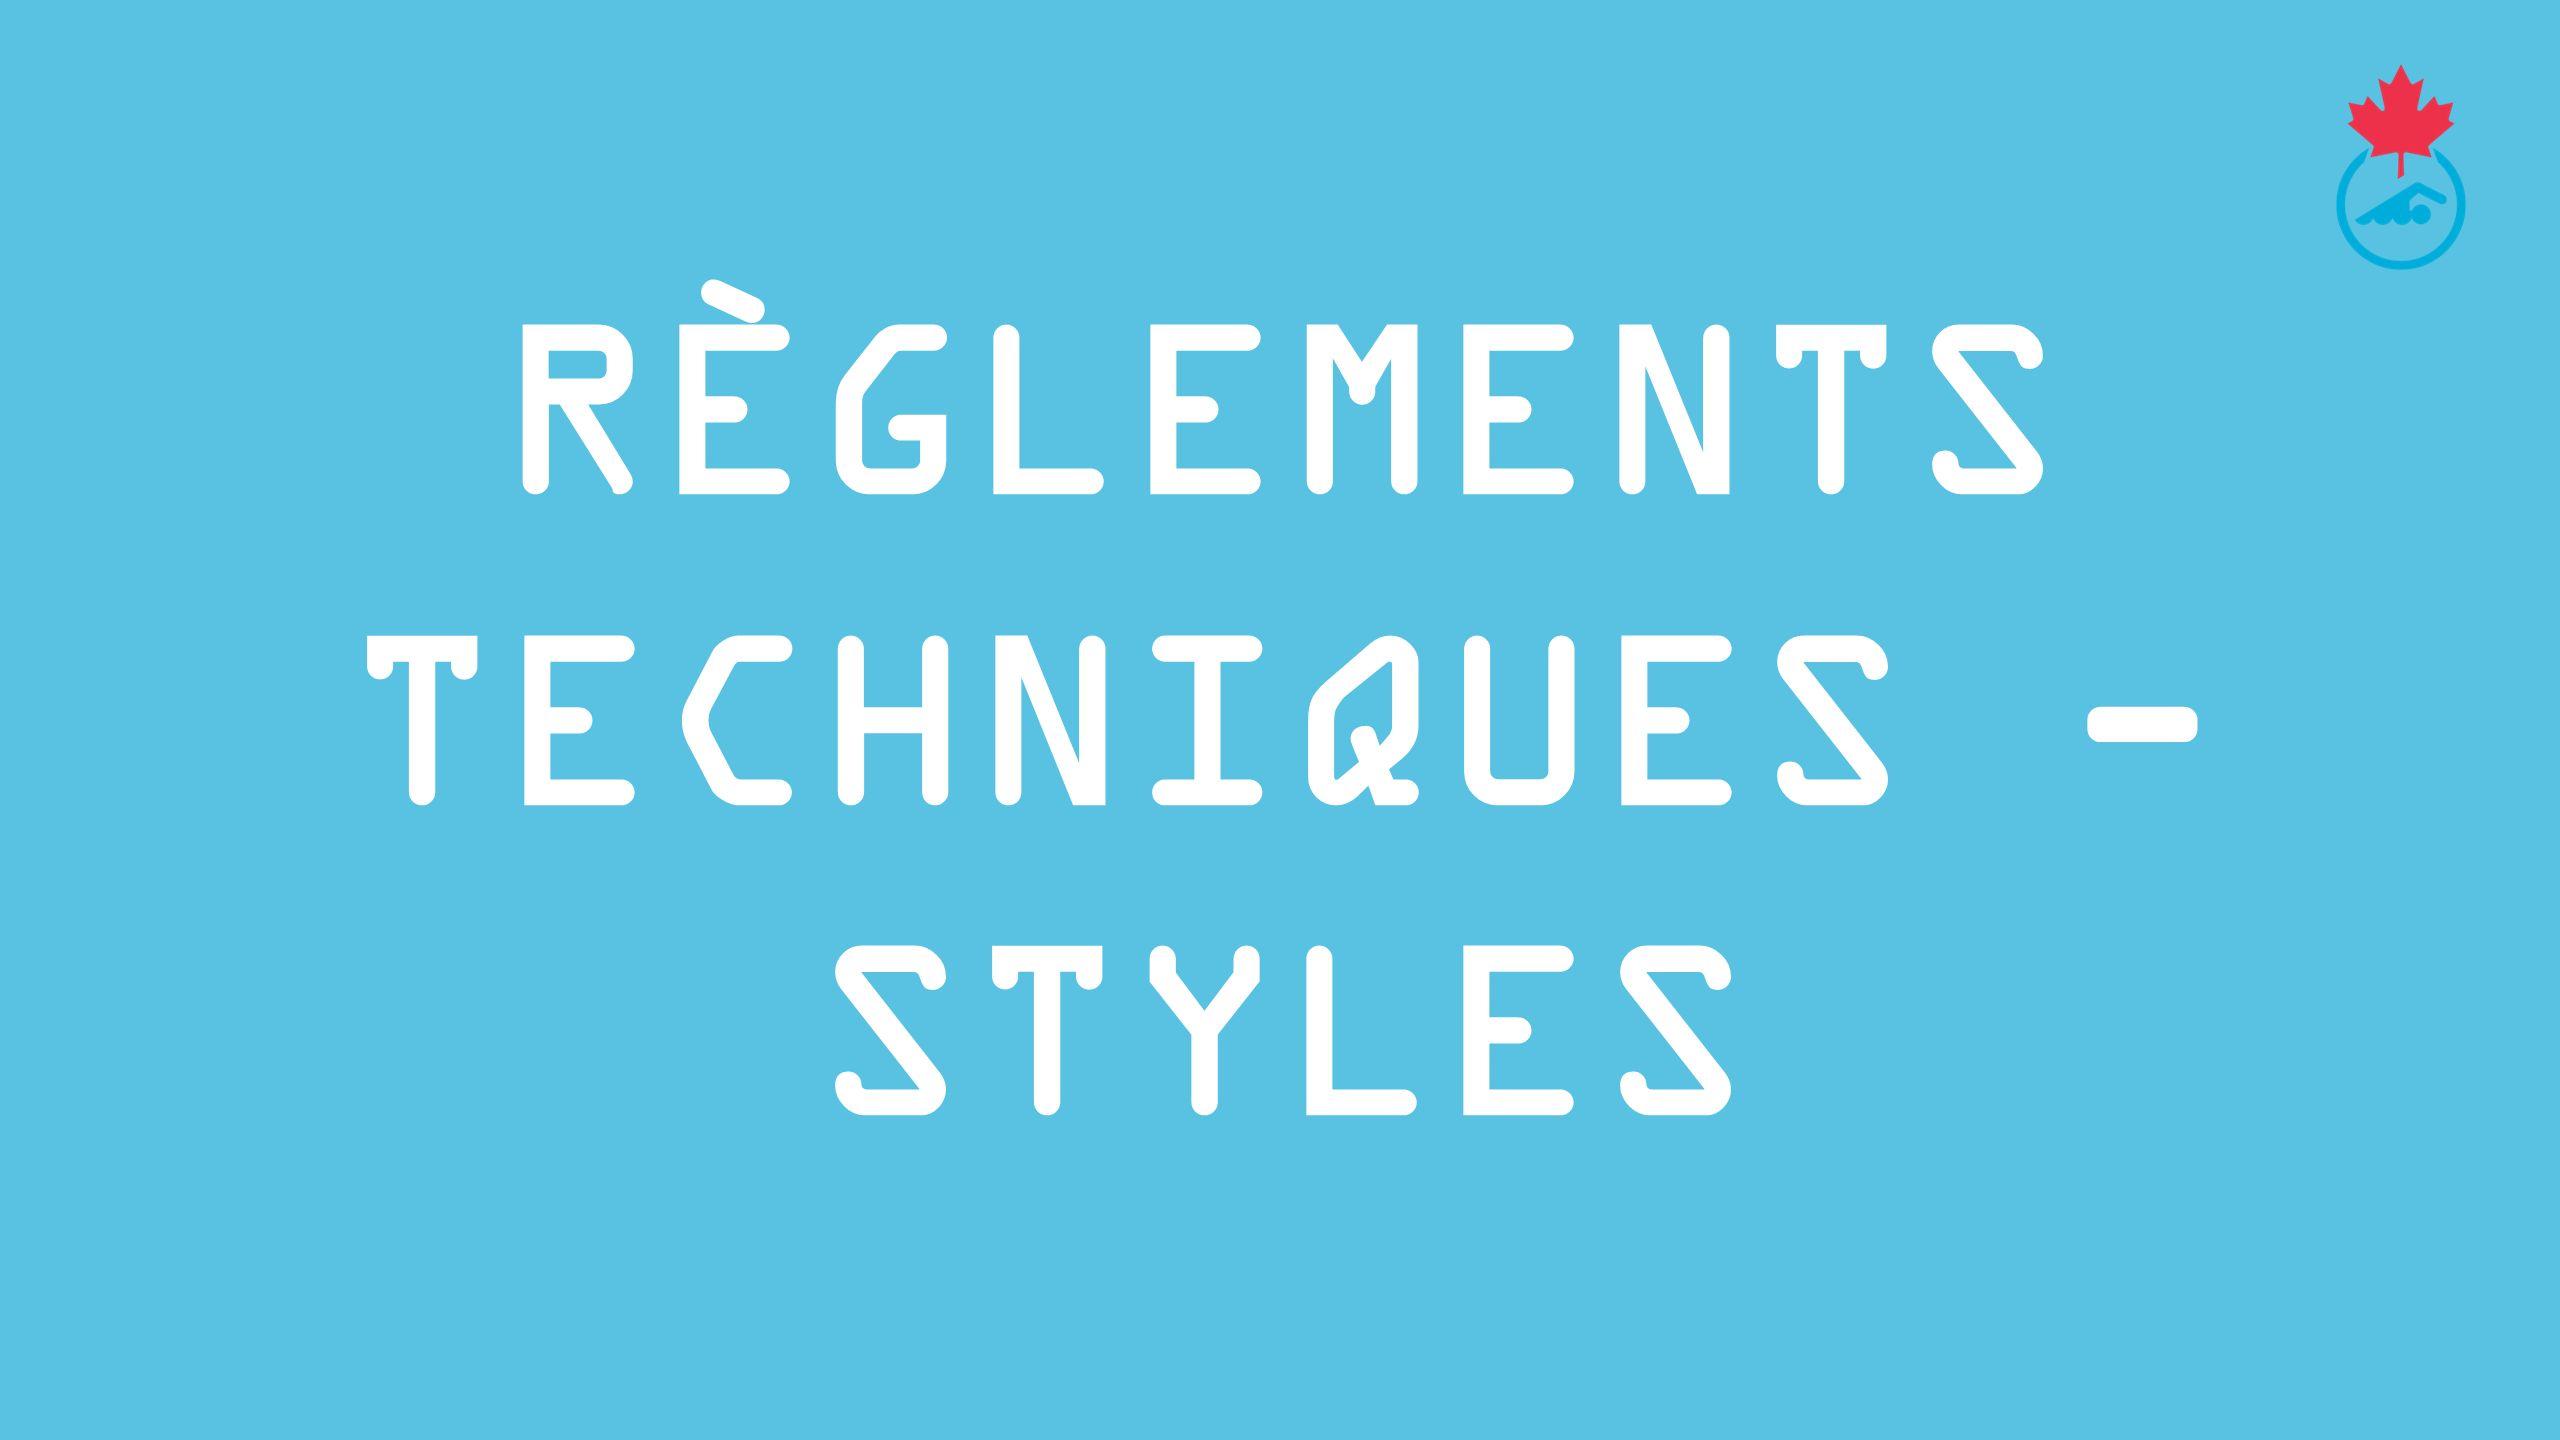 RÈGLEMENTS TECHNIQUES - styles